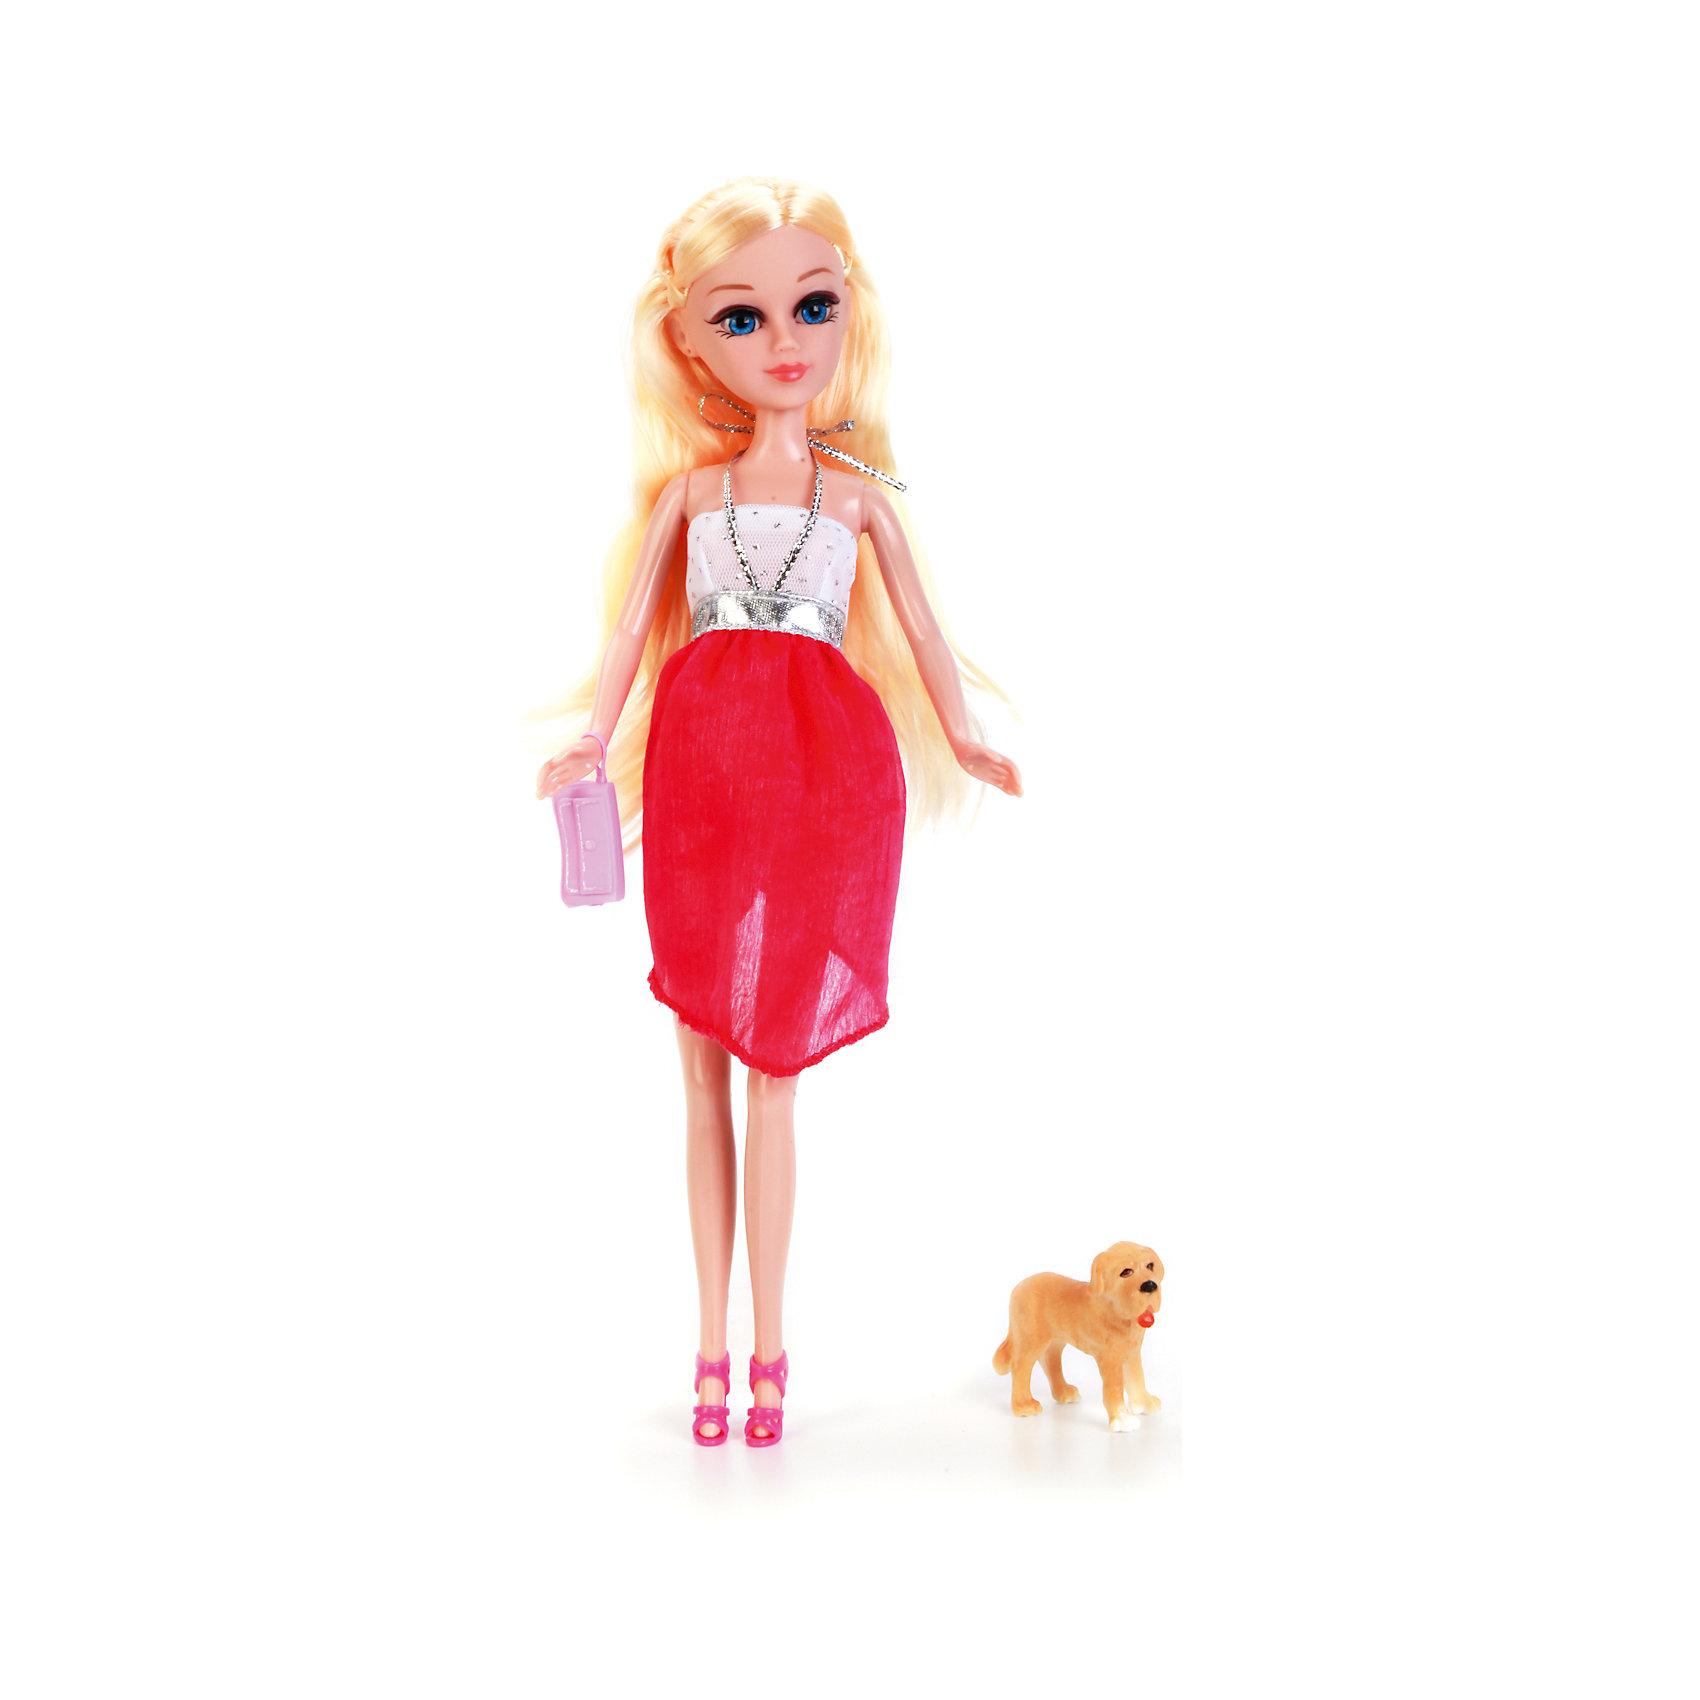 Кукла Мария 29 см, с гламурной собачкой и аксессуарами, КарапузИнтерактивные куклы<br>Набор кукла Мария с питомцем приведет в восторг любую девочку. Мария обожает ухаживать за своим питомцем, ласкать и играть с этими чудесным созданиям. В наборе есть все необходимое для ухода за питомцем. Когда Мария отправляется на прогулку со своим гламурным питомцем, она сразу приковывает к себе взгляды. У куклы подвижные руки и ноги, голова. У Марии реалистичные пластиковые глаза и густые ресницы, которые делают ее взгляд особенно выразительным. Красивые волосы можно причесывать и делать ей различные прически.<br><br>Ширина мм: 38<br>Глубина мм: 70<br>Высота мм: 45<br>Вес г: 370<br>Возраст от месяцев: 36<br>Возраст до месяцев: 60<br>Пол: Женский<br>Возраст: Детский<br>SKU: 6863989